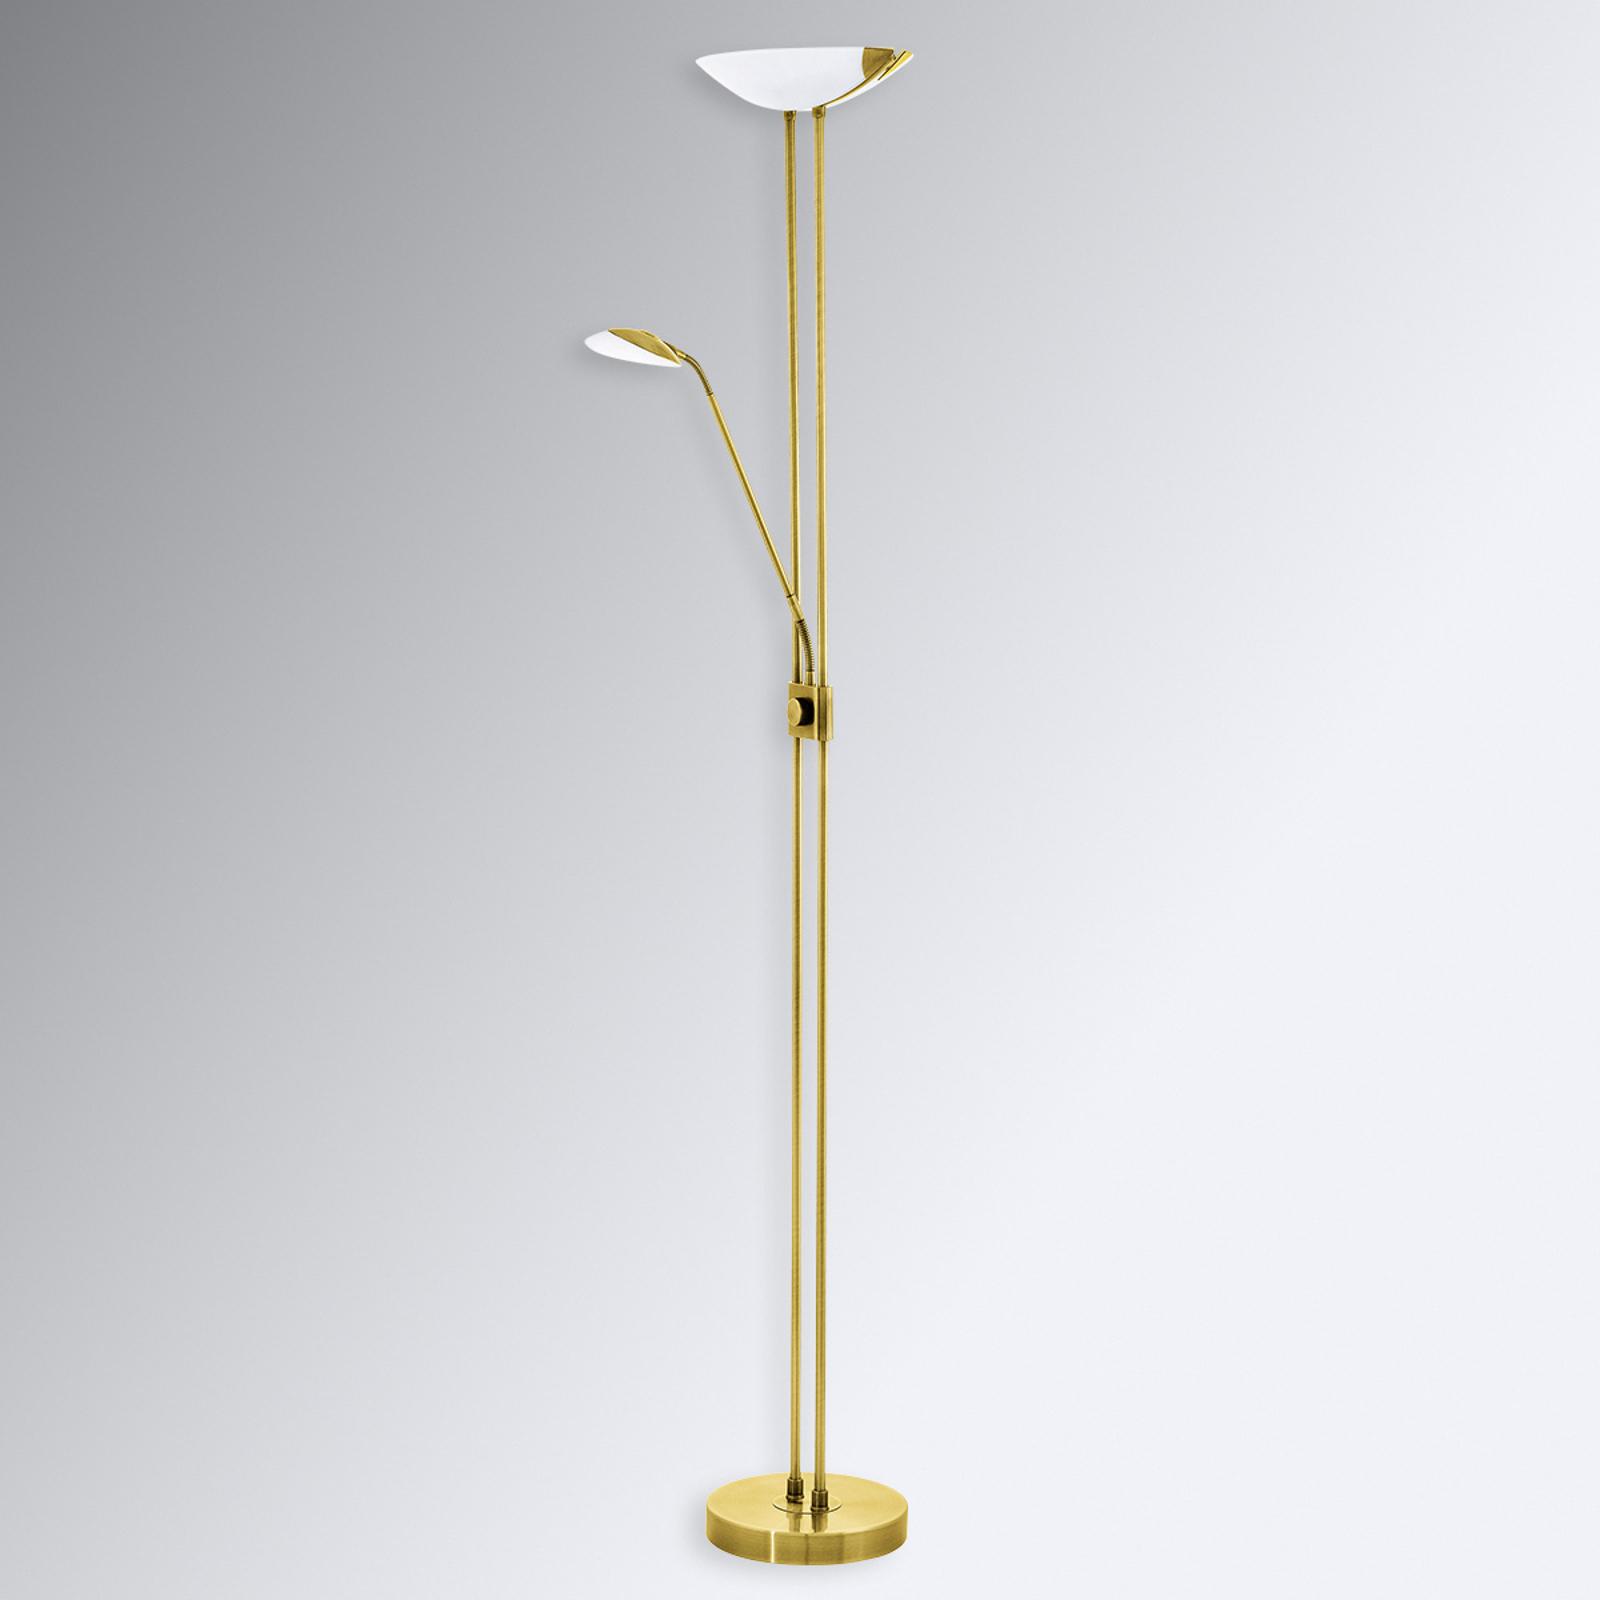 LED-stålampe Baya i messingoptikk